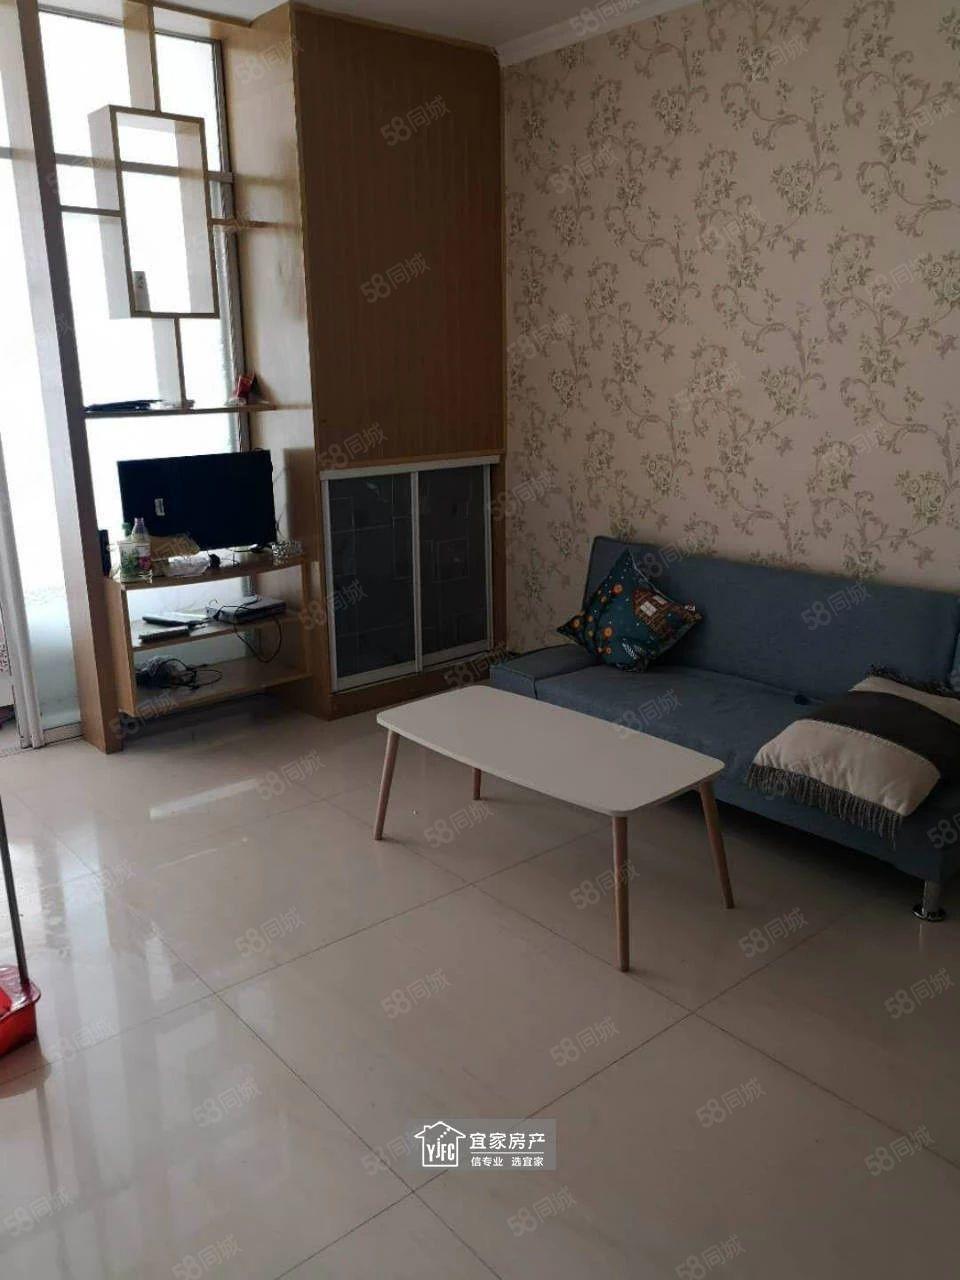 龙翔公寓标准一室一厅户型好采光无限